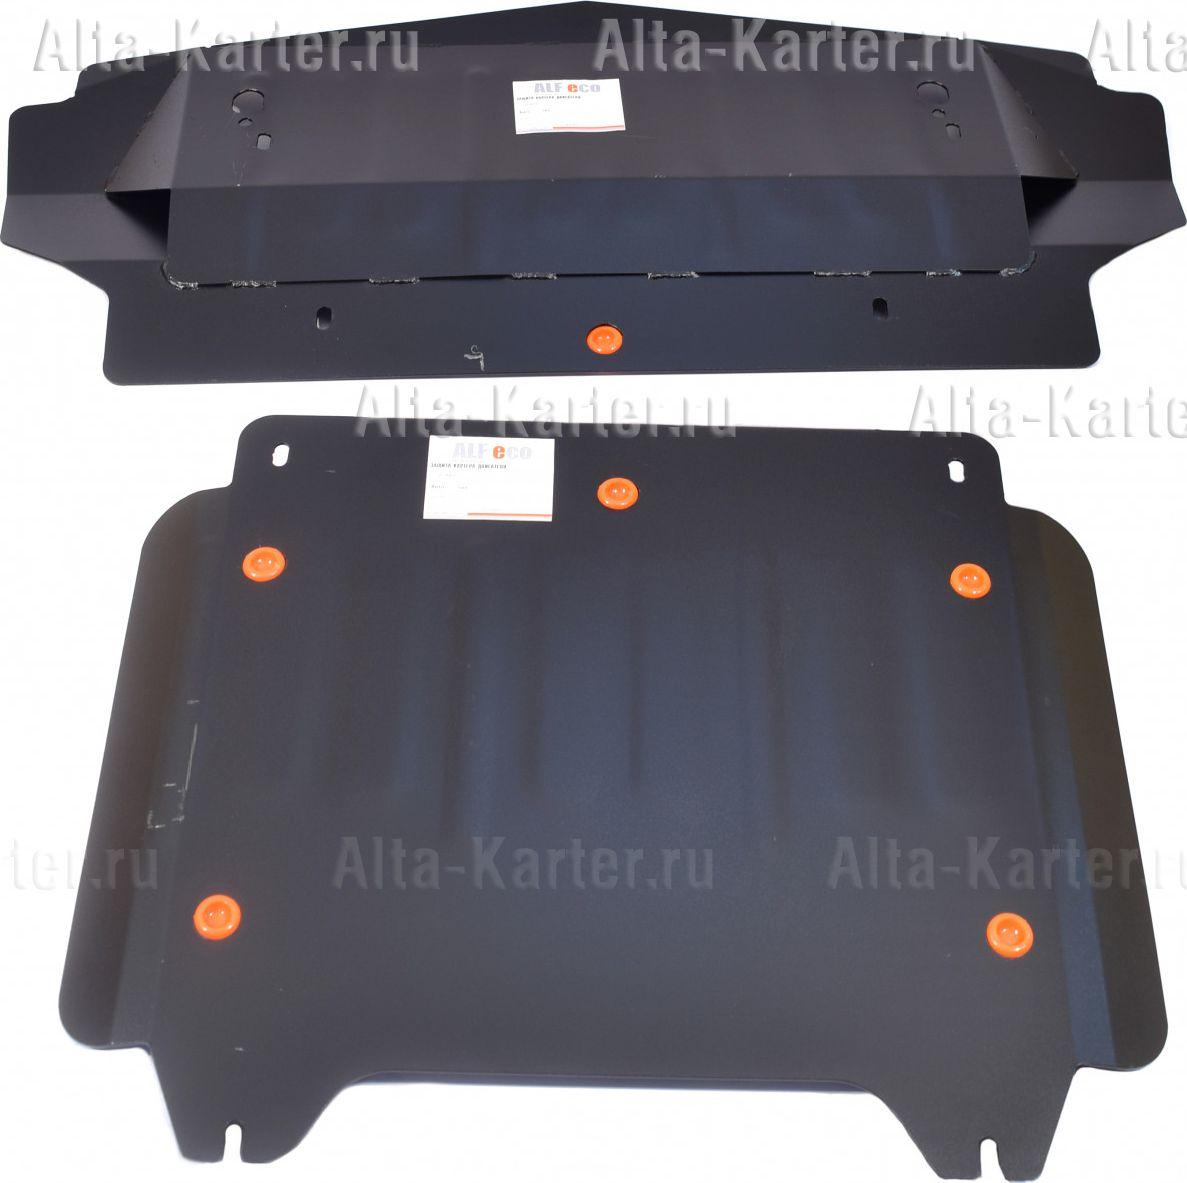 Защита Alfeco для картера Cadillac SRX I 2004-2010. Артикул ALF.37.03